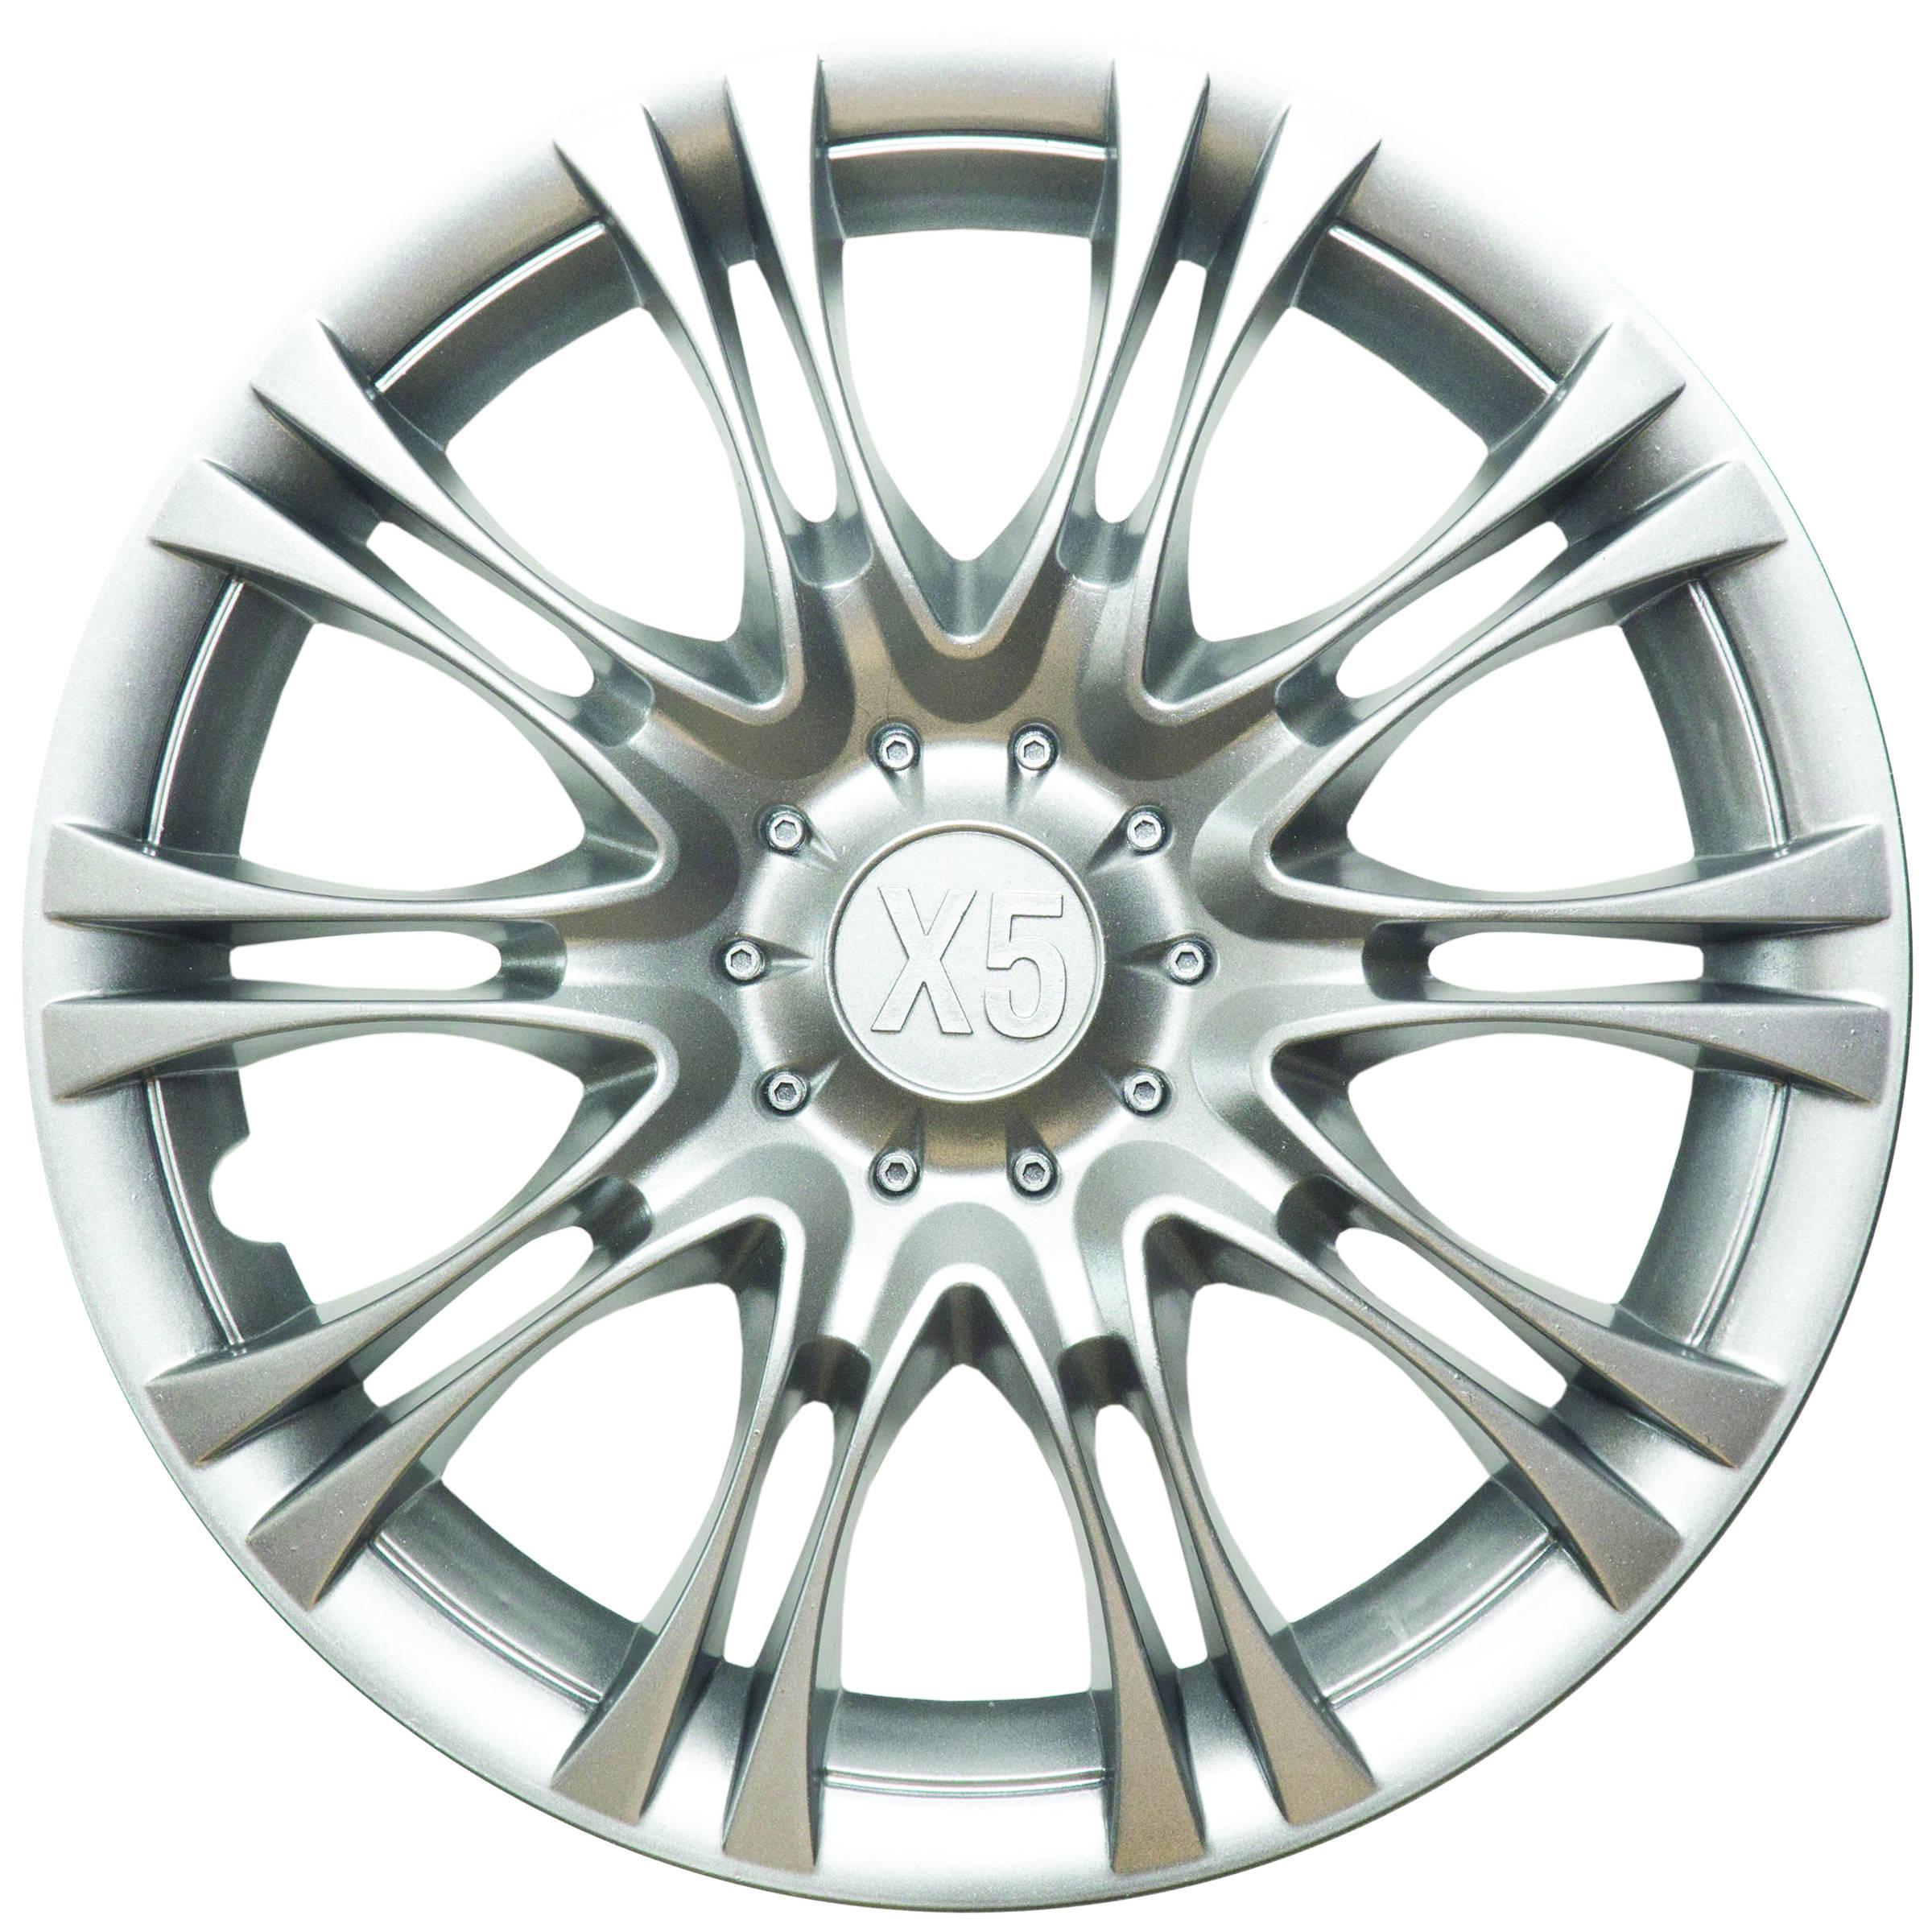 Колпаки на колёса Autoprofi Xps16 декоративные колпаки на штампованные колеса 16